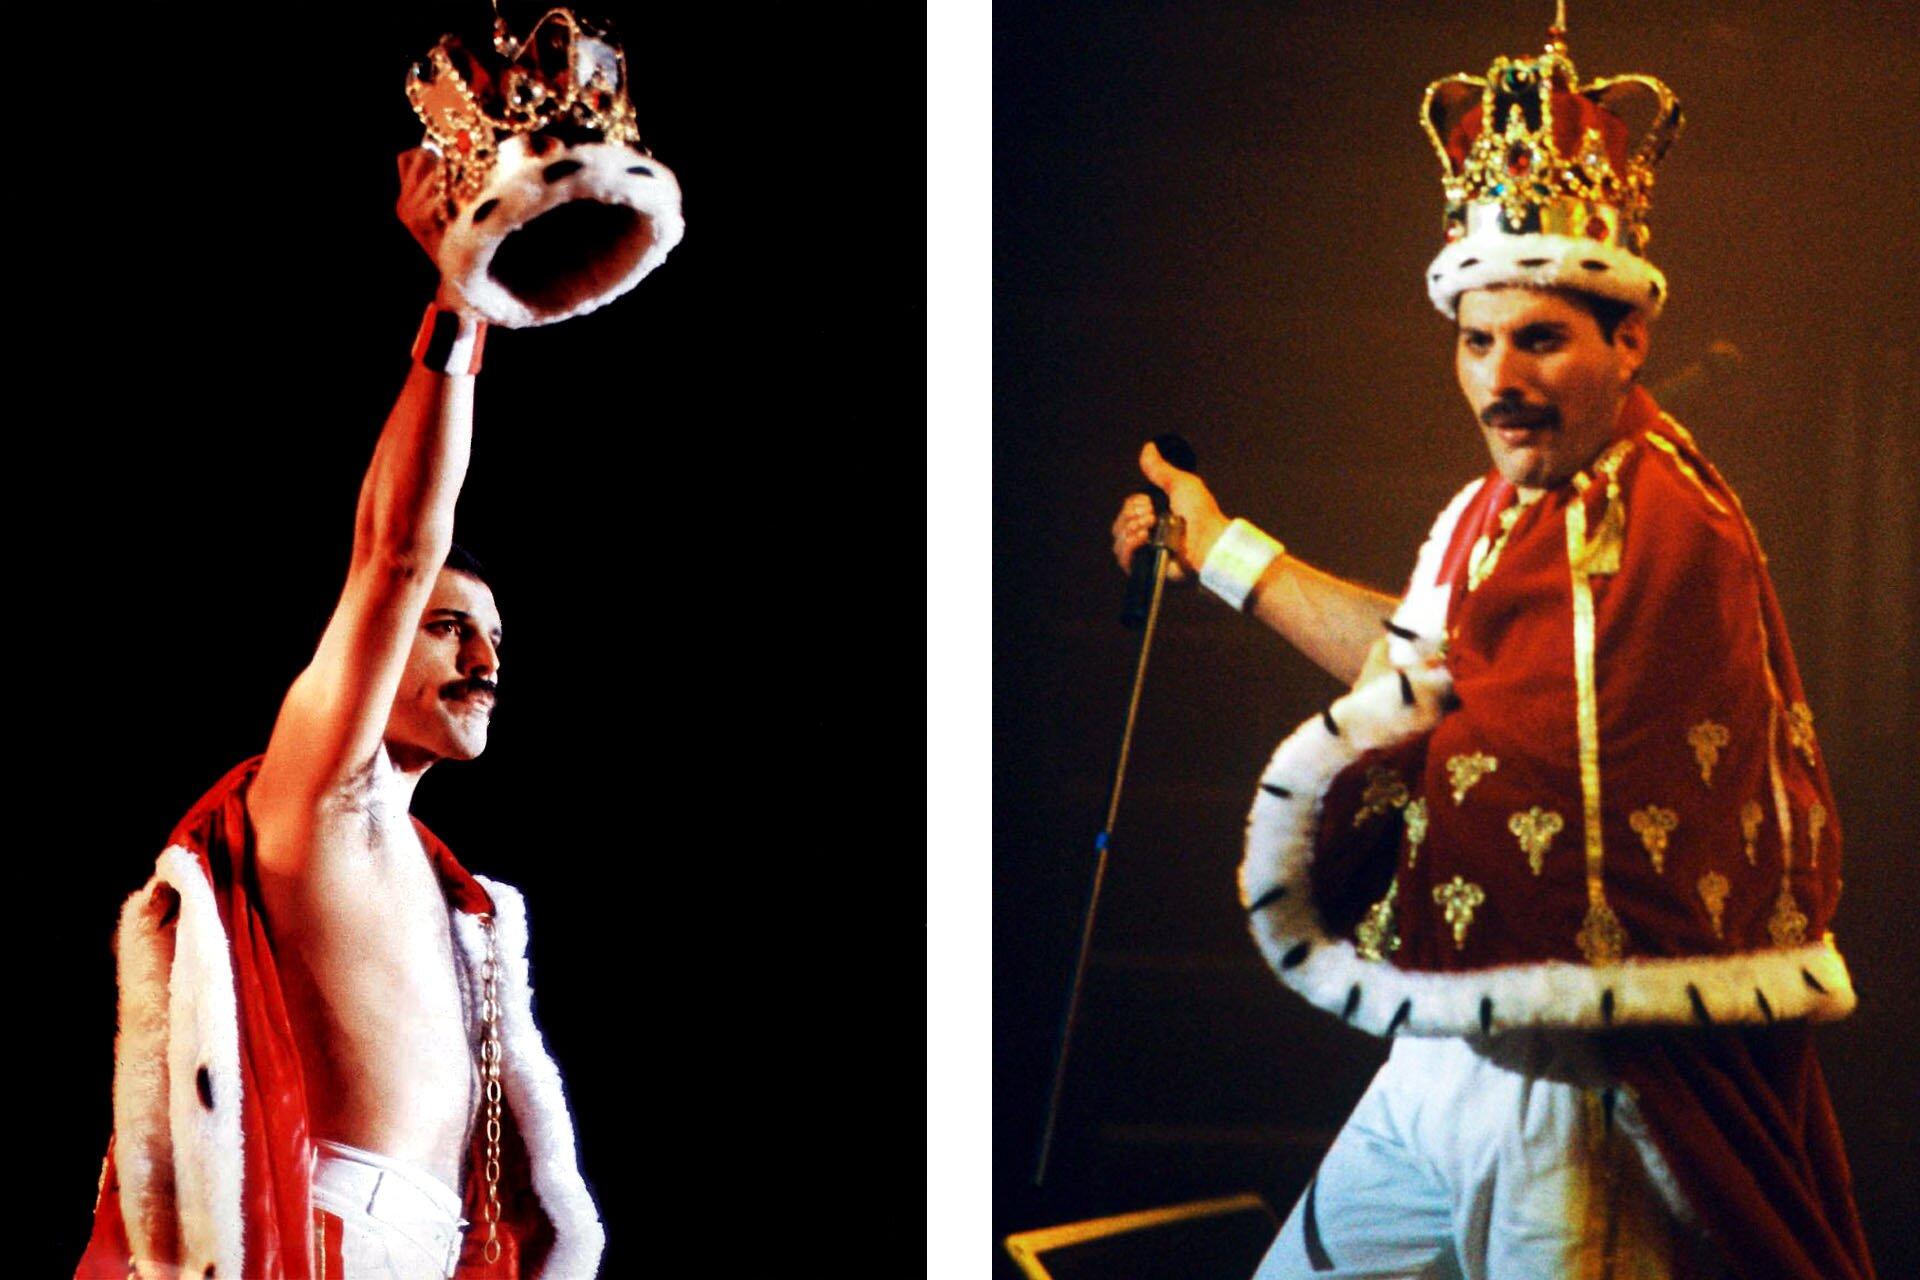 Wszyscy powinniśmy ubierać się jak Freddie, Freddie Mercury, Stylizacje Queen, Stylizacje Freddie, Strój królewski, 10 przełomowych wcieleń modowych Freddiego